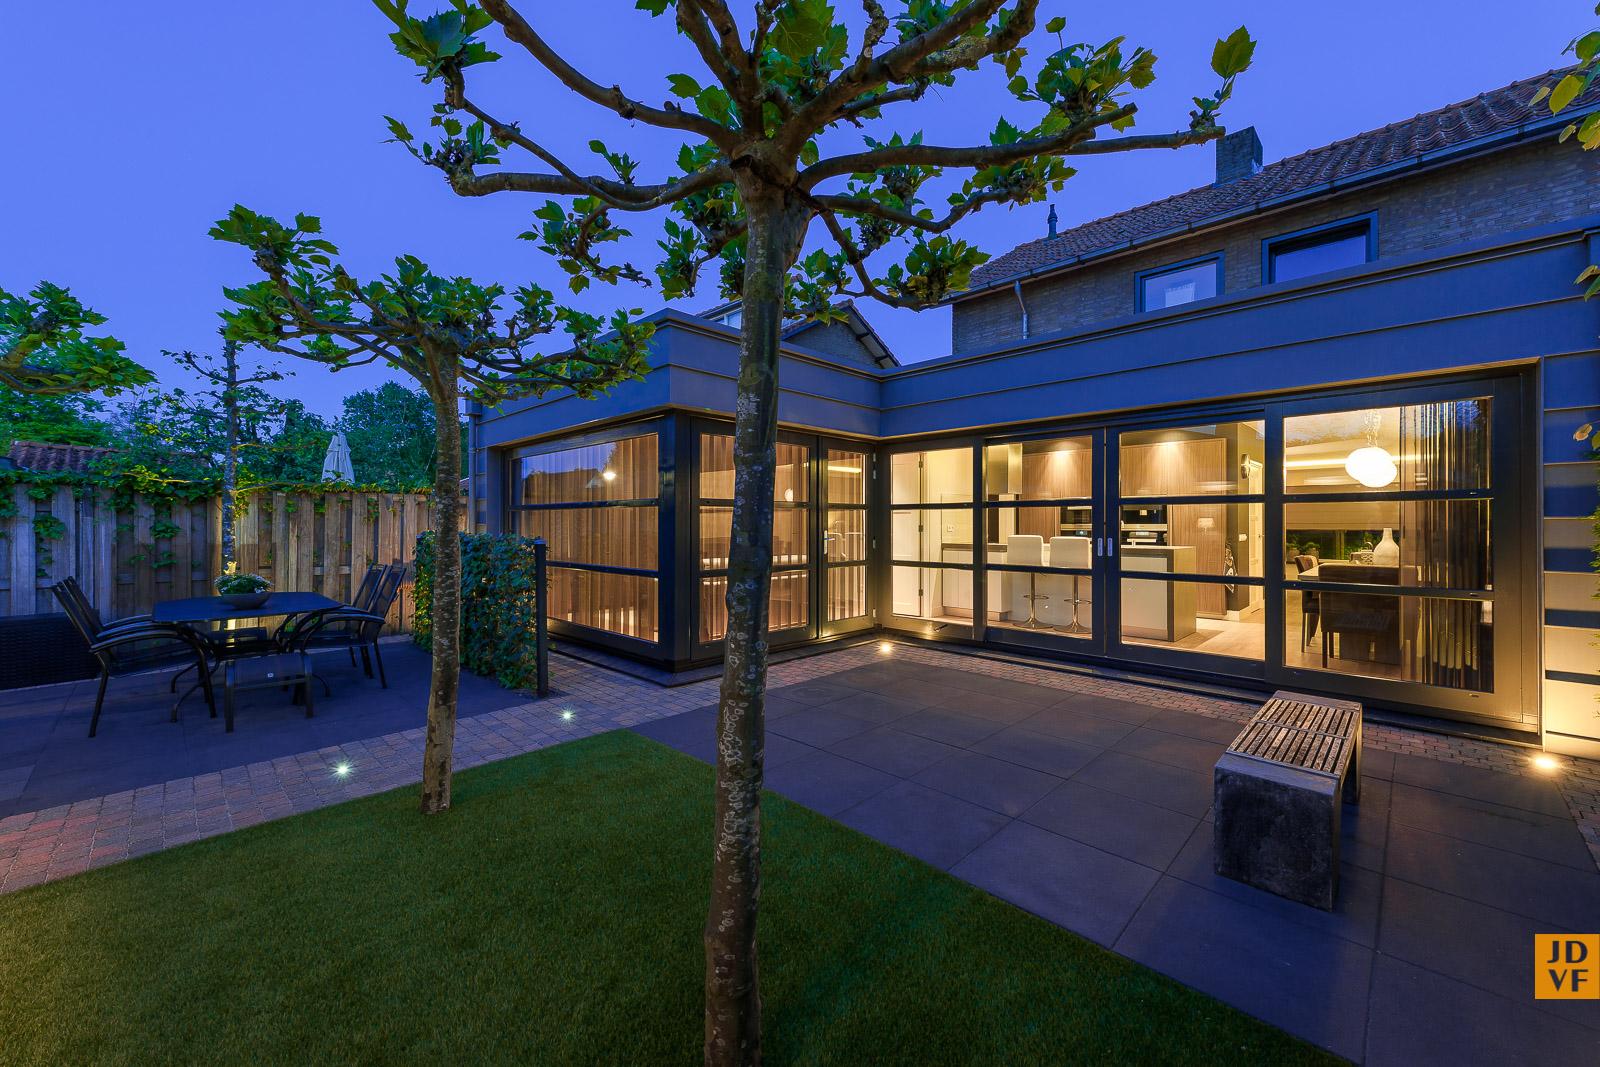 307_JDVF_interieur-architectuur-fotografie.jpg